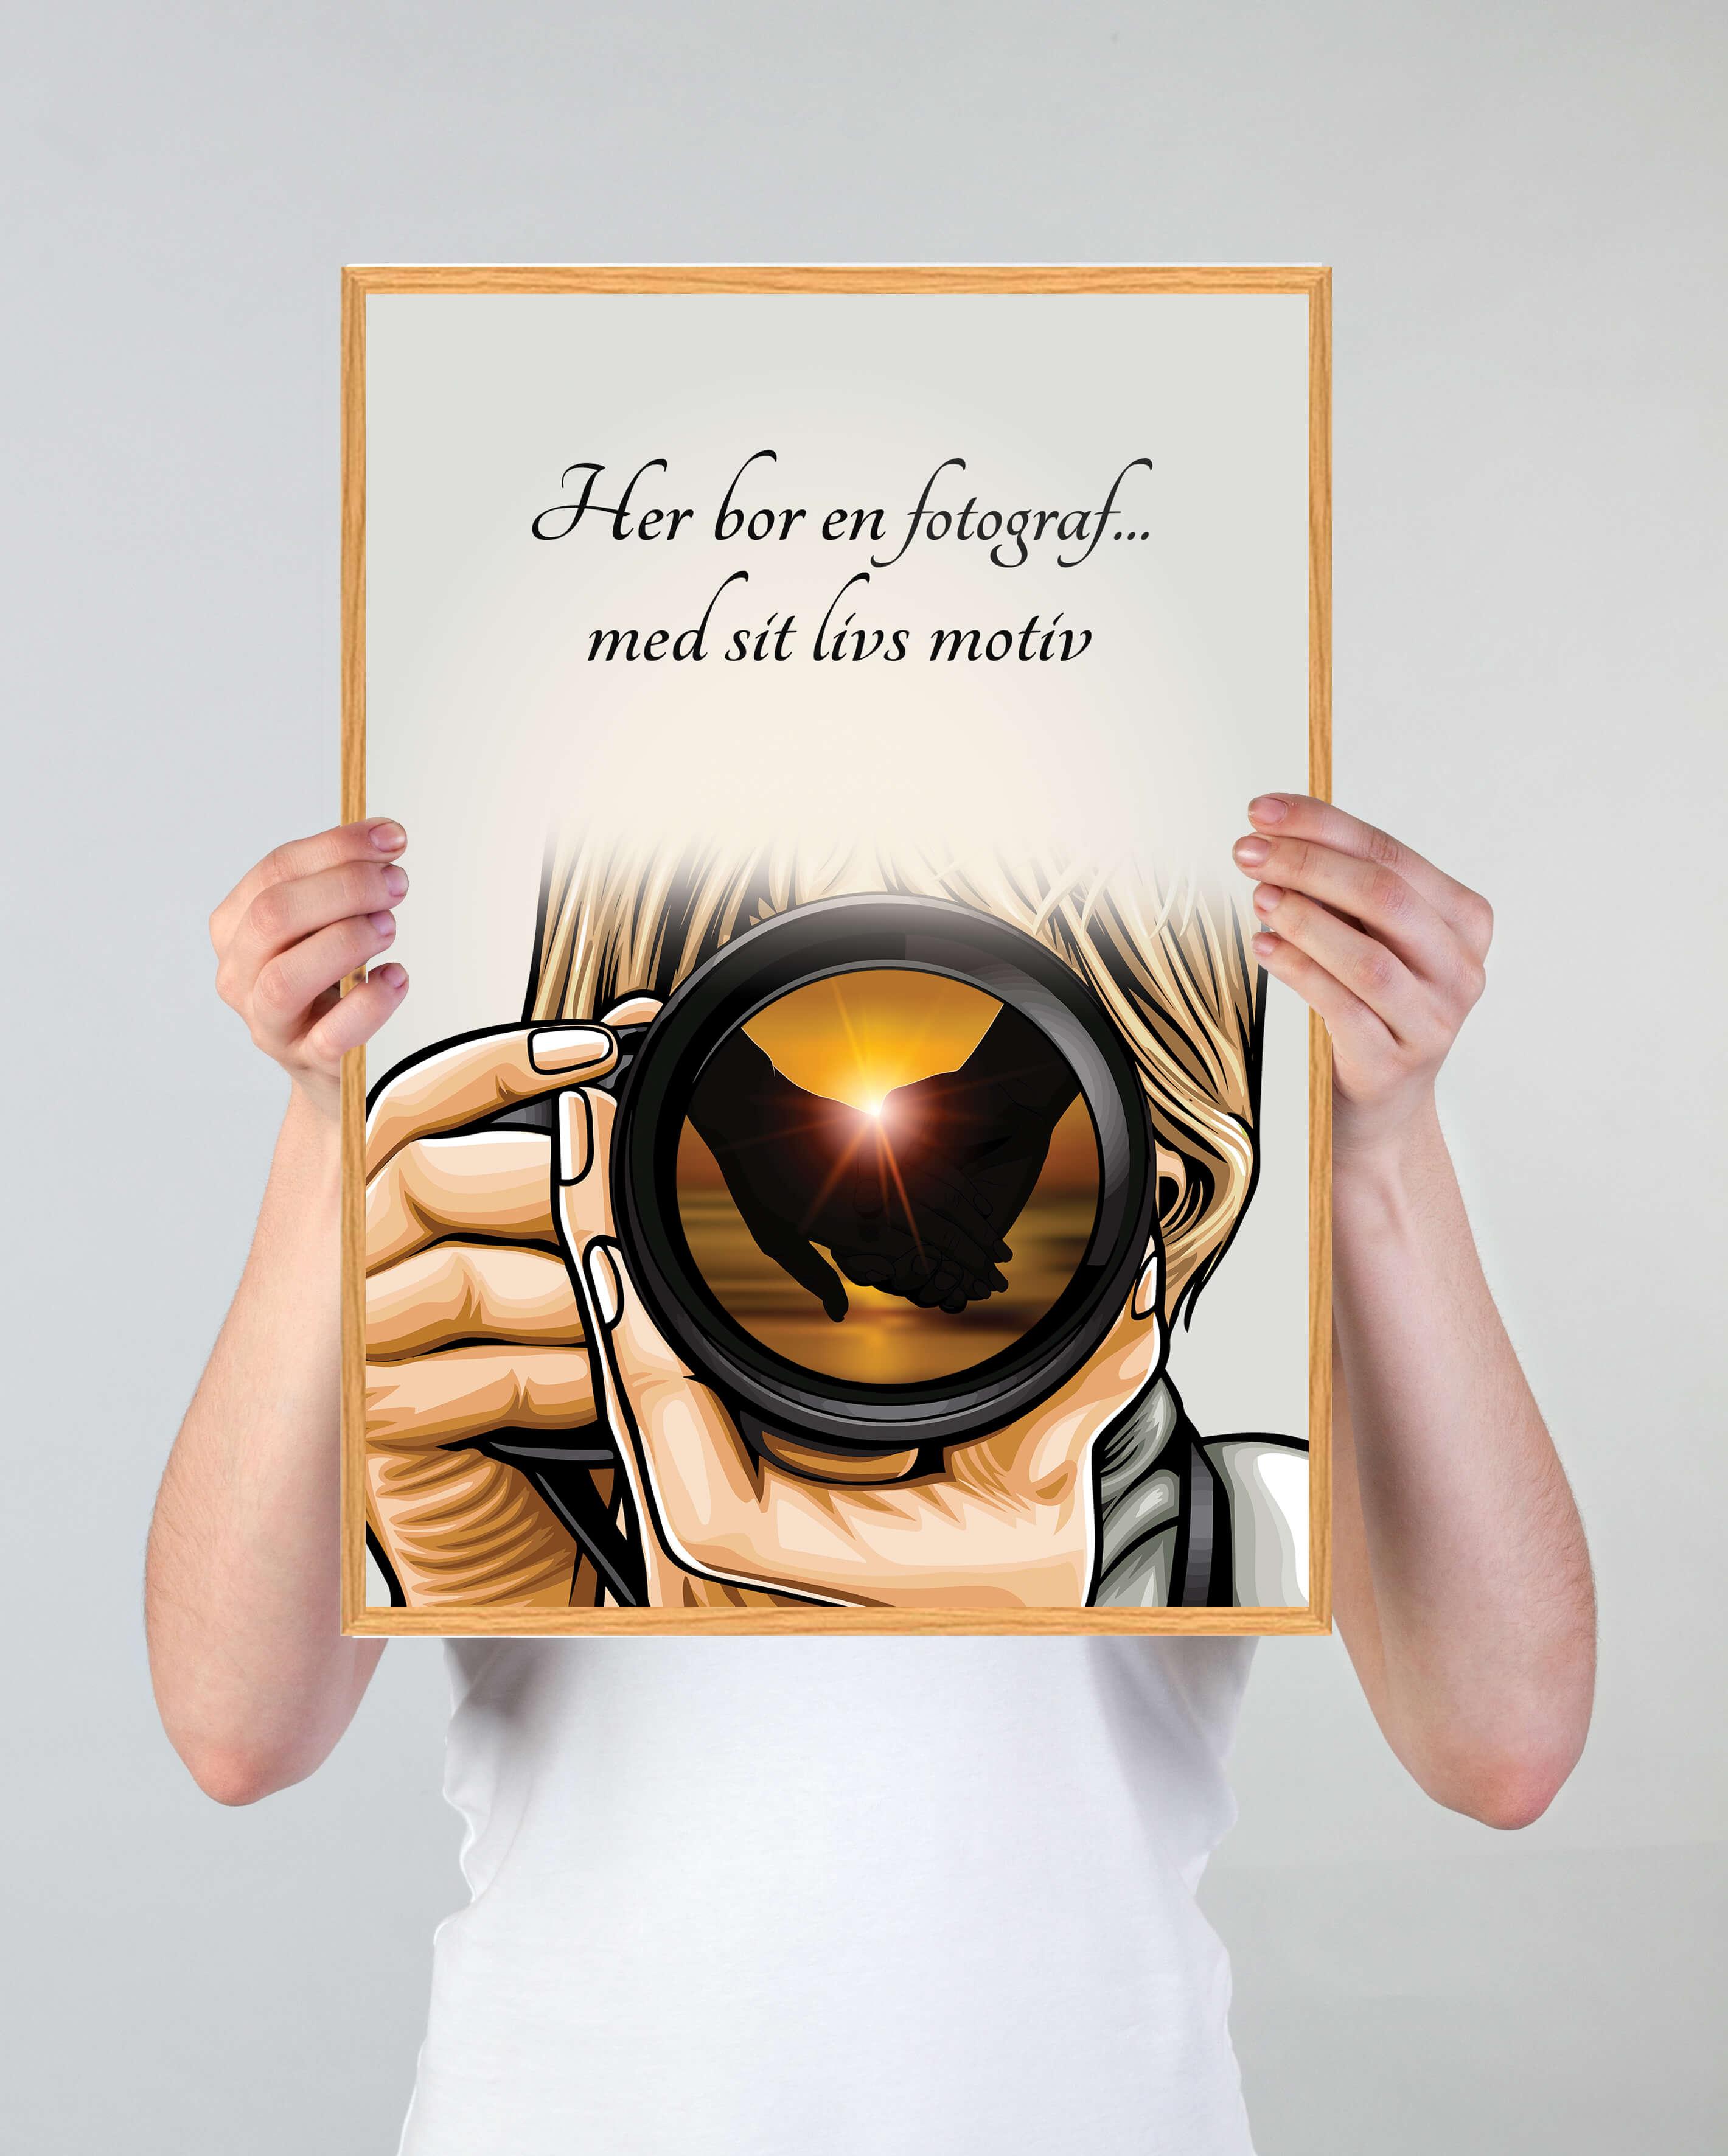 fotograf-billede-plakat-3